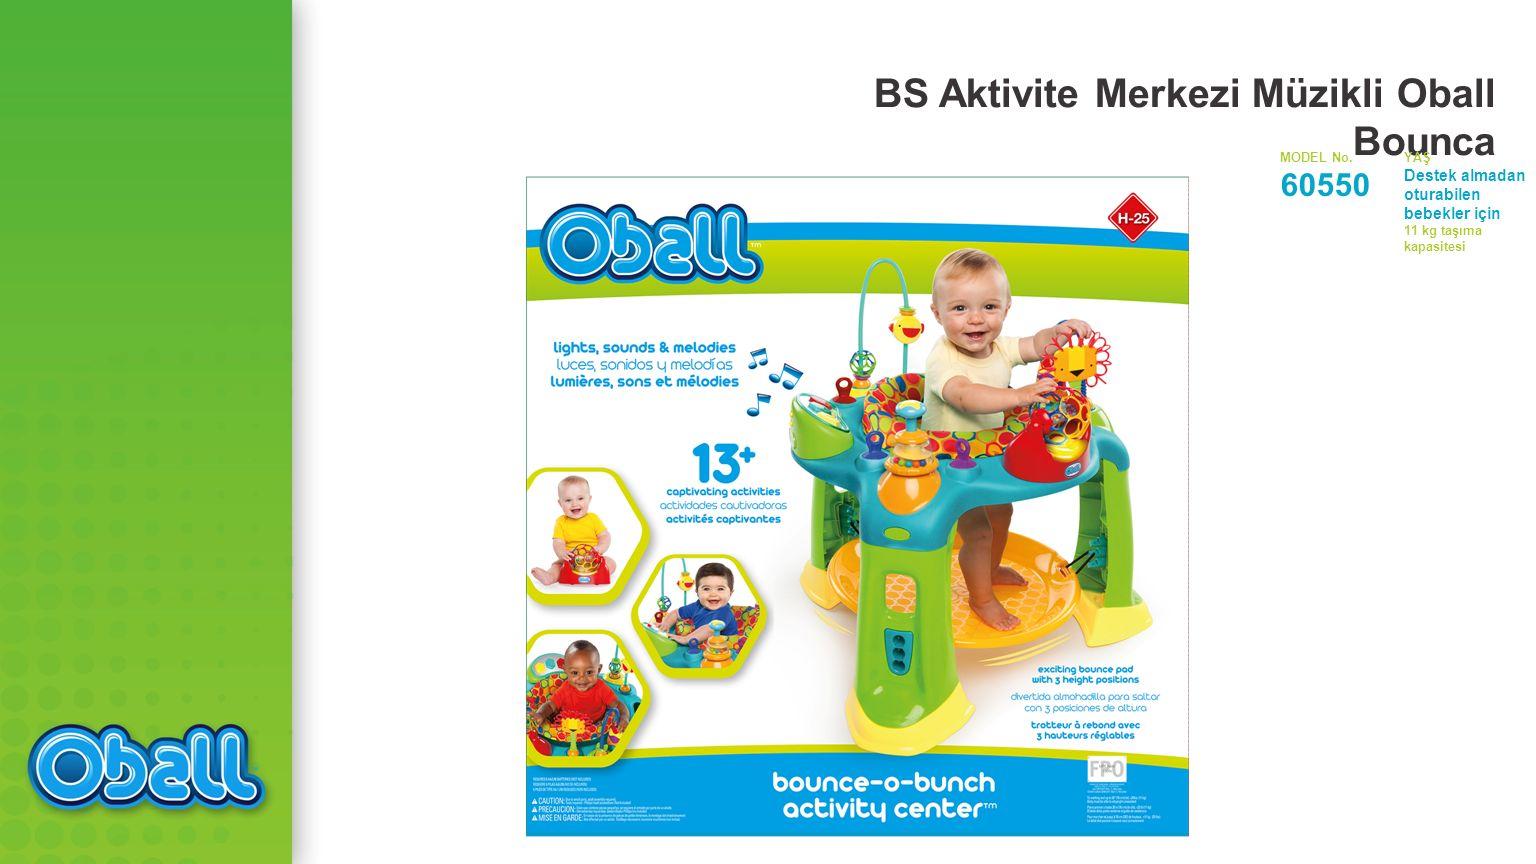 BS Aktivite Merkezi Müzikli Oball Bounca MODEL No.YAŞ 60550 Destek almadan oturabilen bebekler için 11 kg taşıma kapasitesi